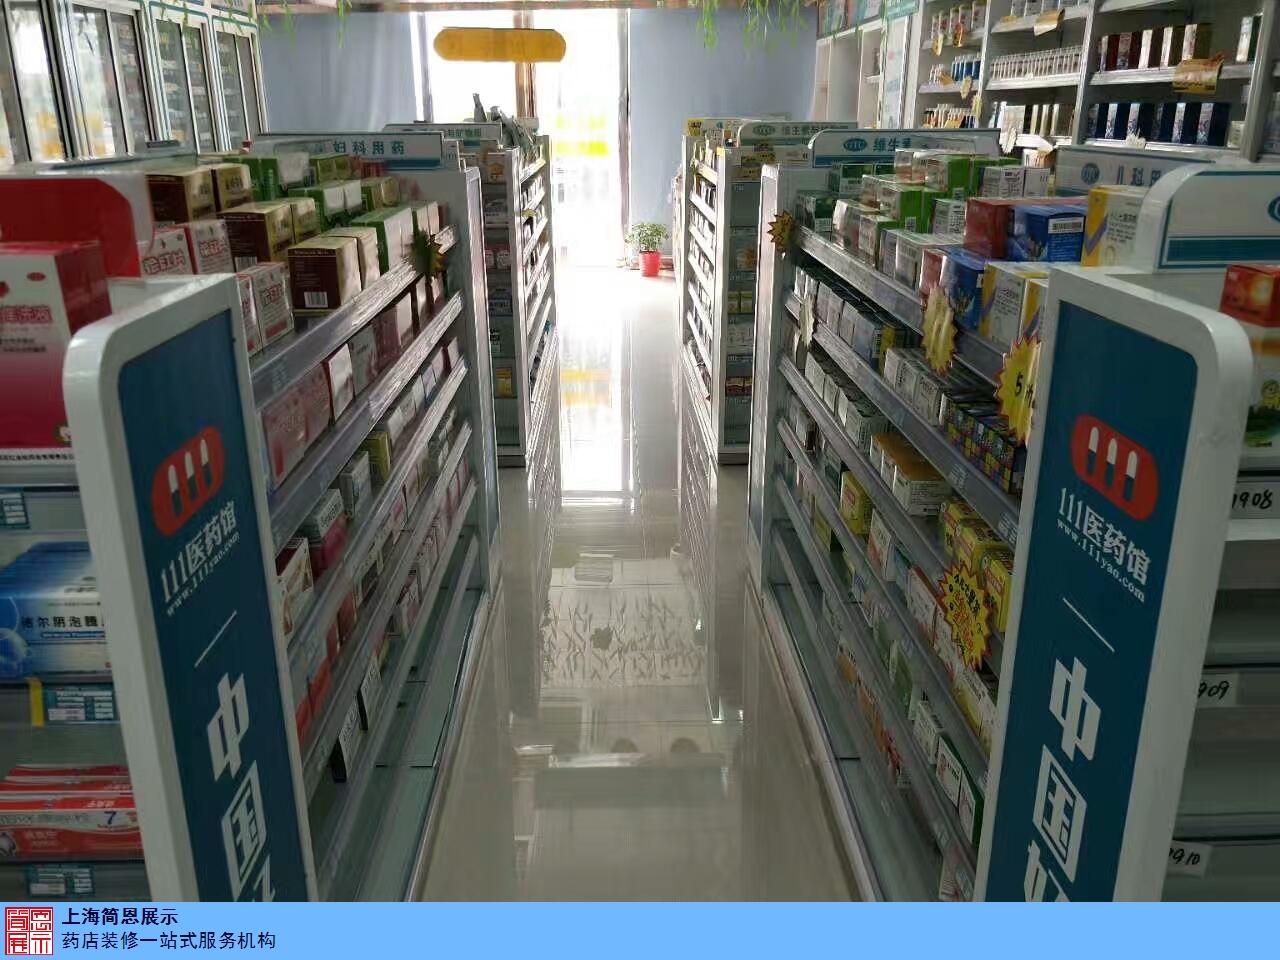 湖南藥店內部醫藥貨架展示,醫藥貨架